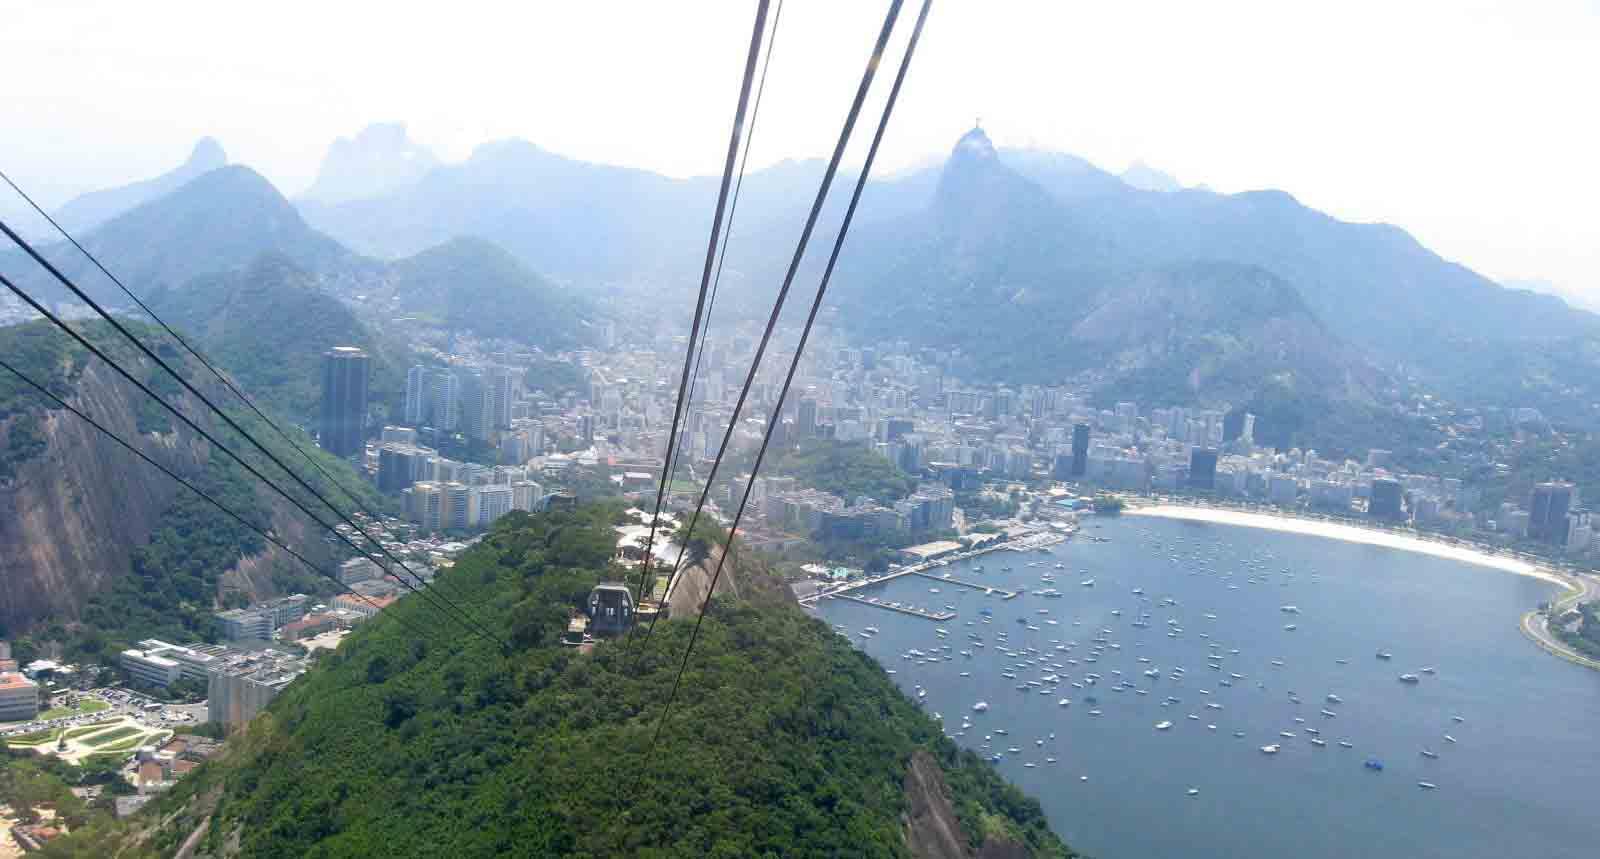 O que fazer no Rio de Janeiro - Bondinho - cenário